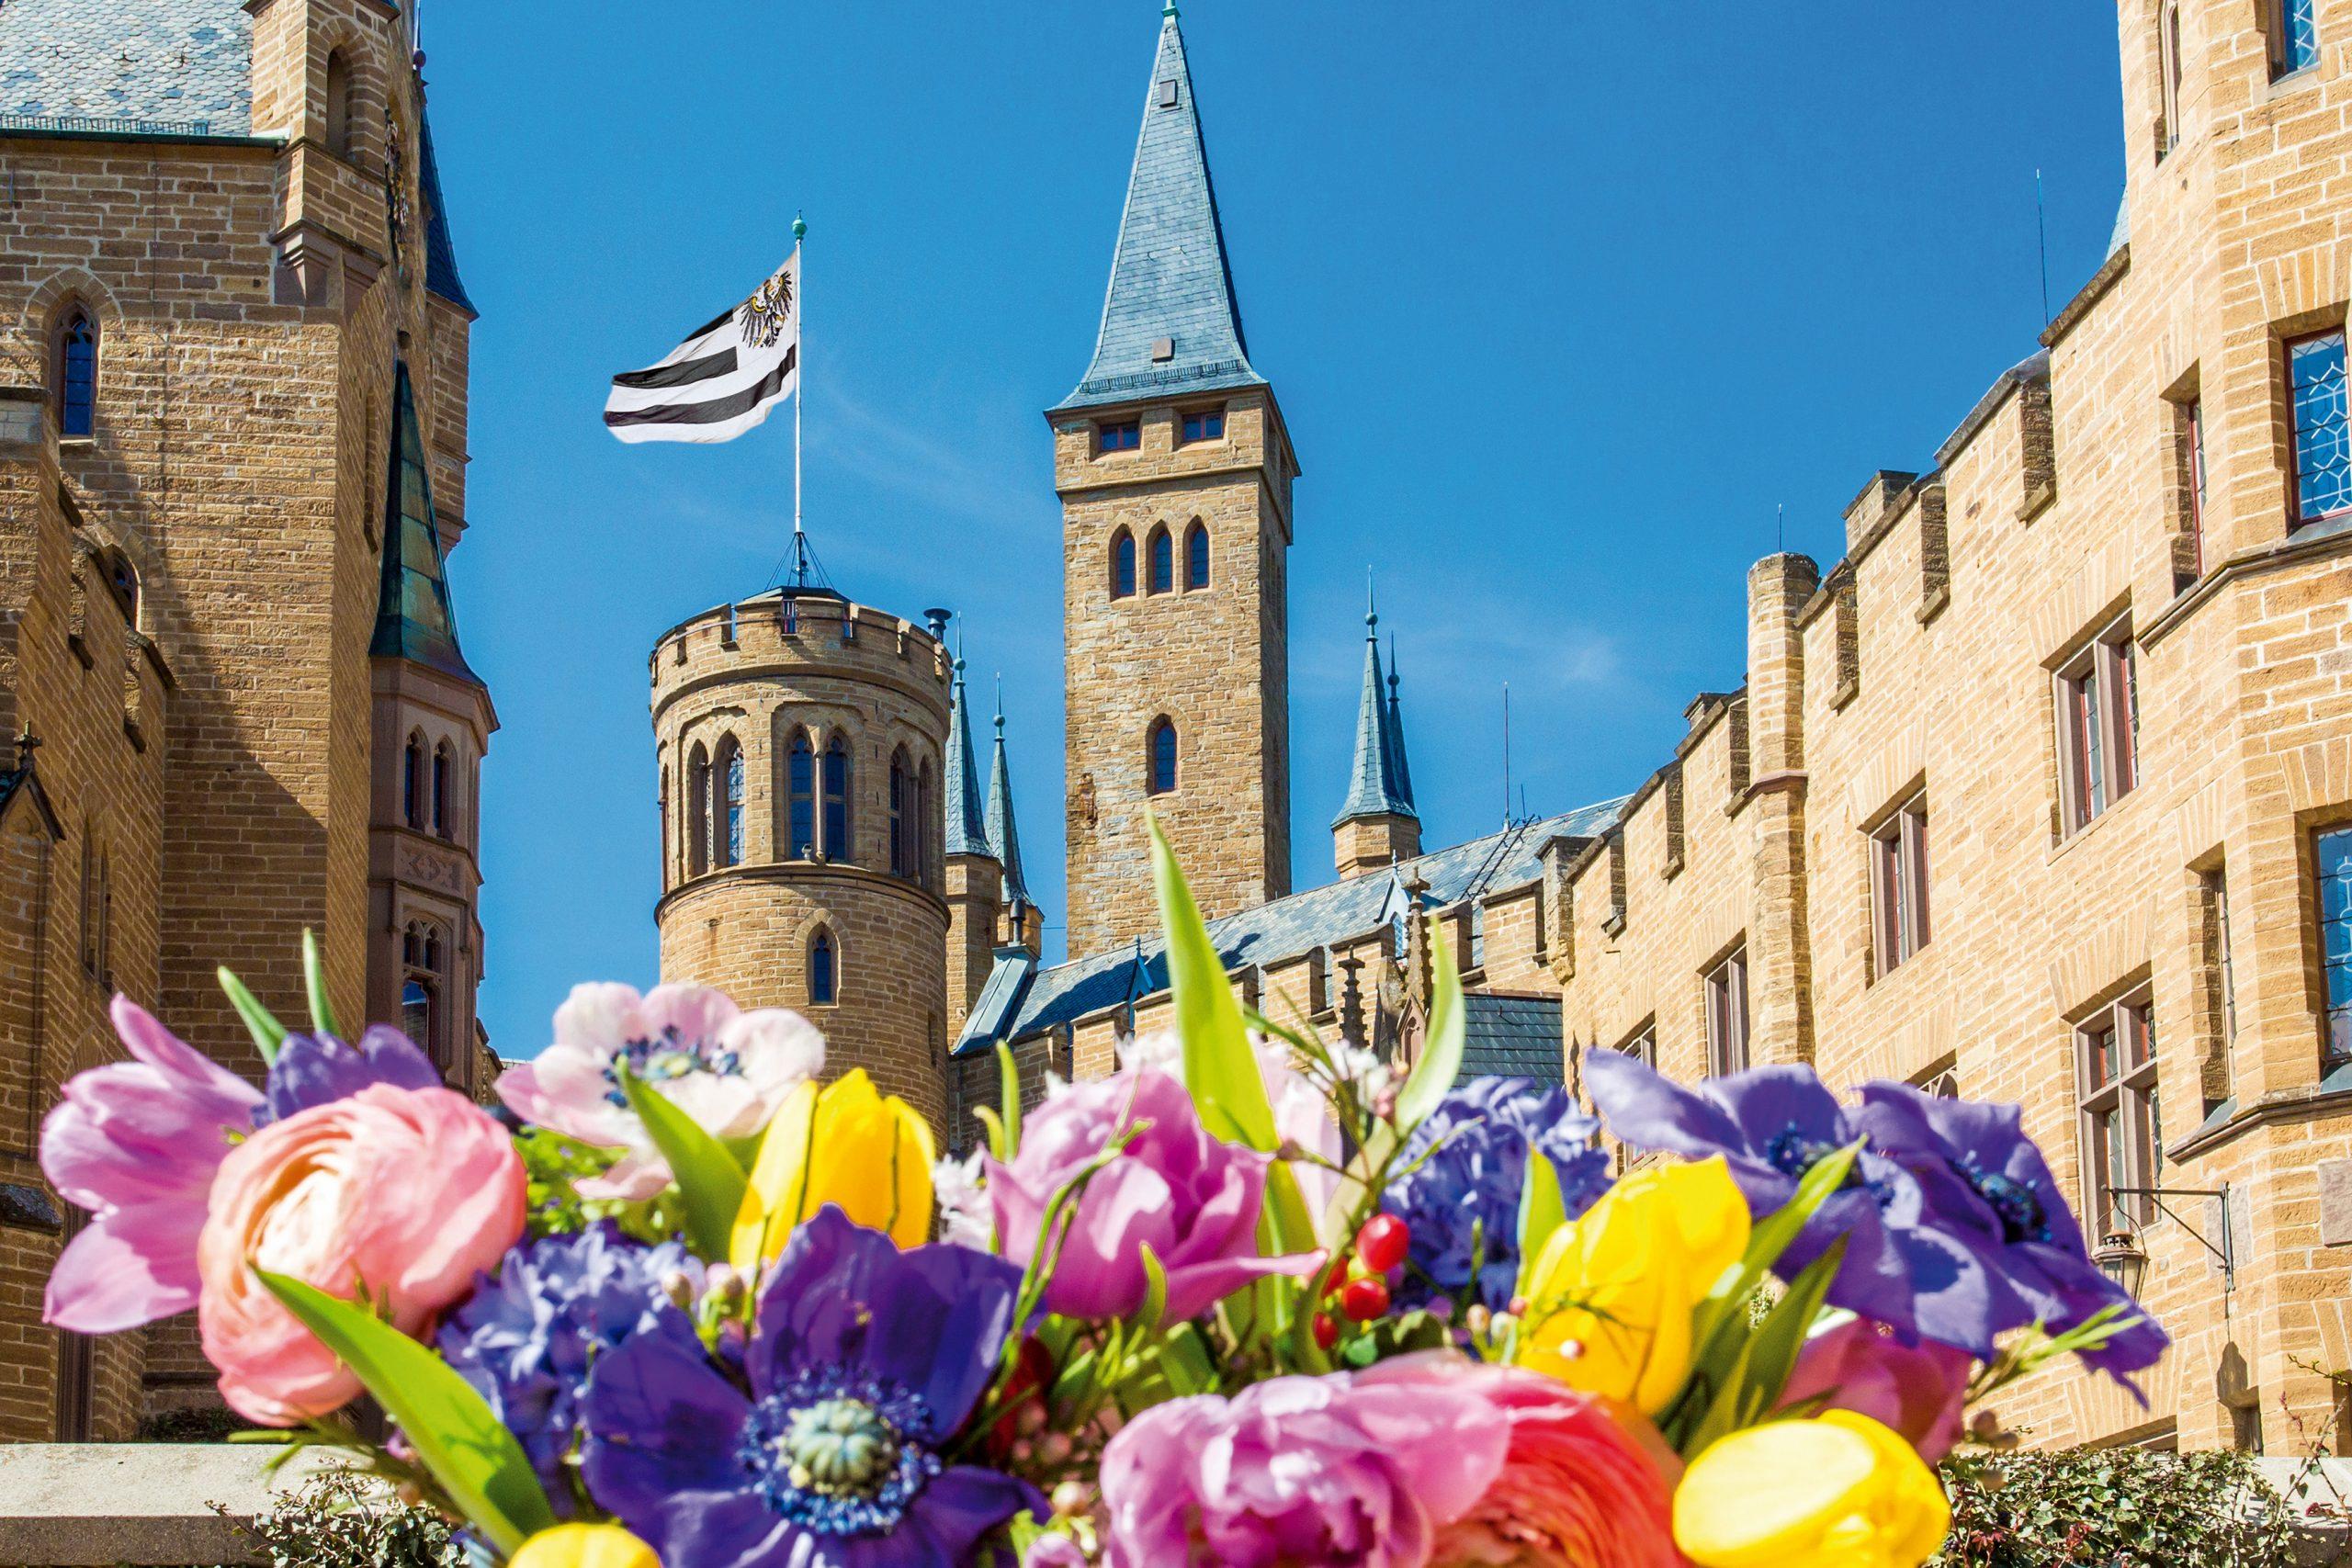 Frühlingsblumen im Burghof der Burg Hohenzollern